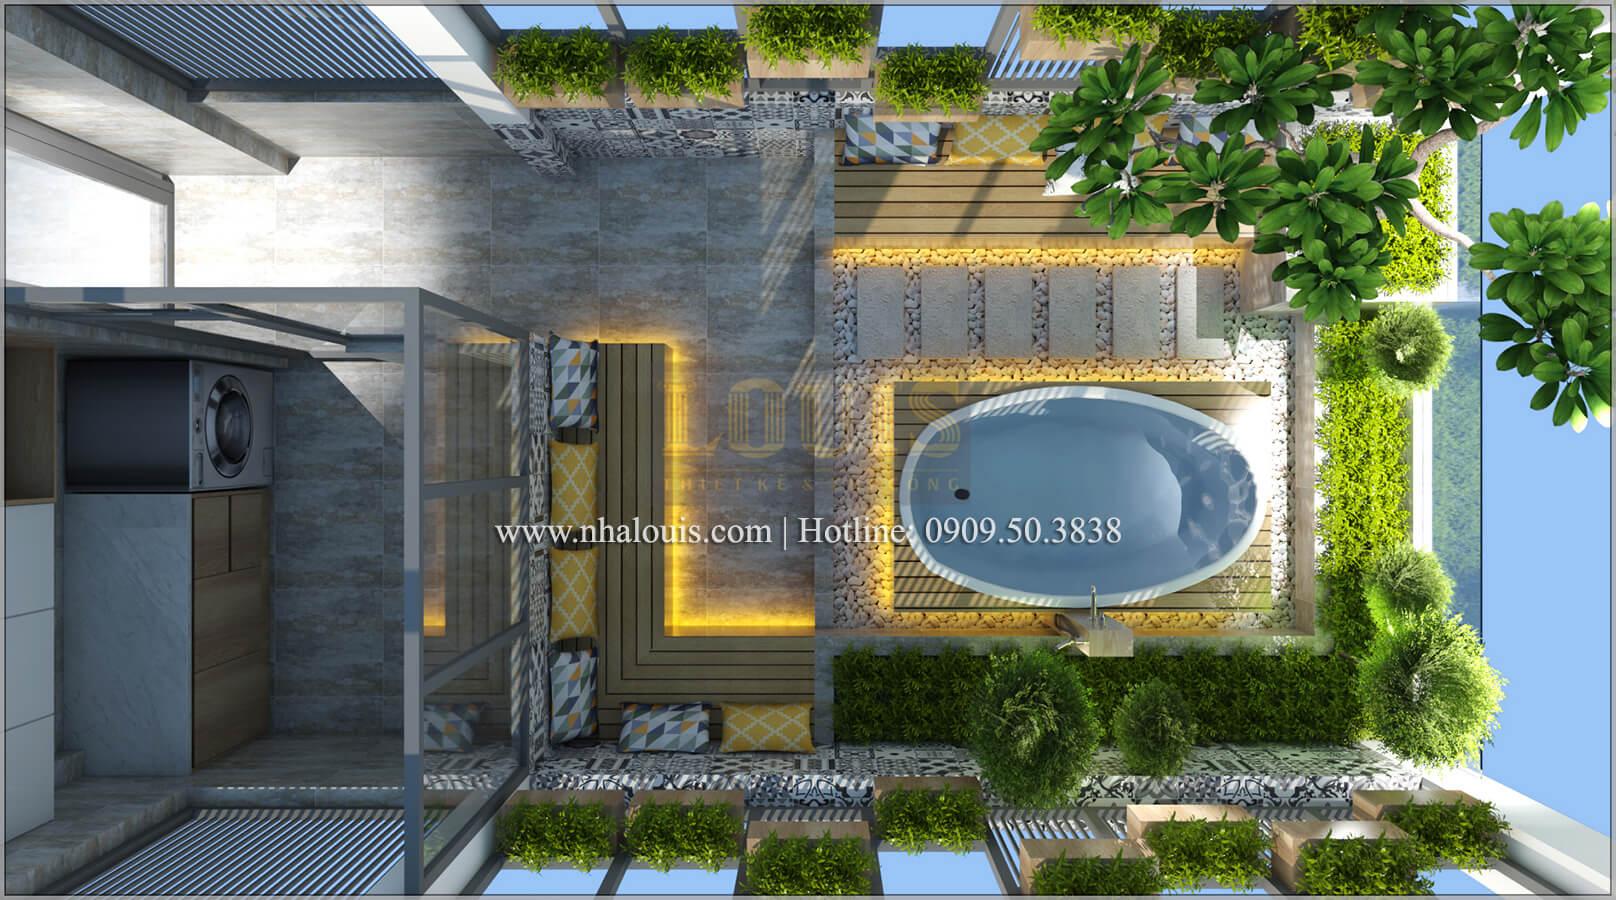 Sân thượng Thiết kế nhà ống 4 tầng đầy đủ công năng hiện đại tại quận 3